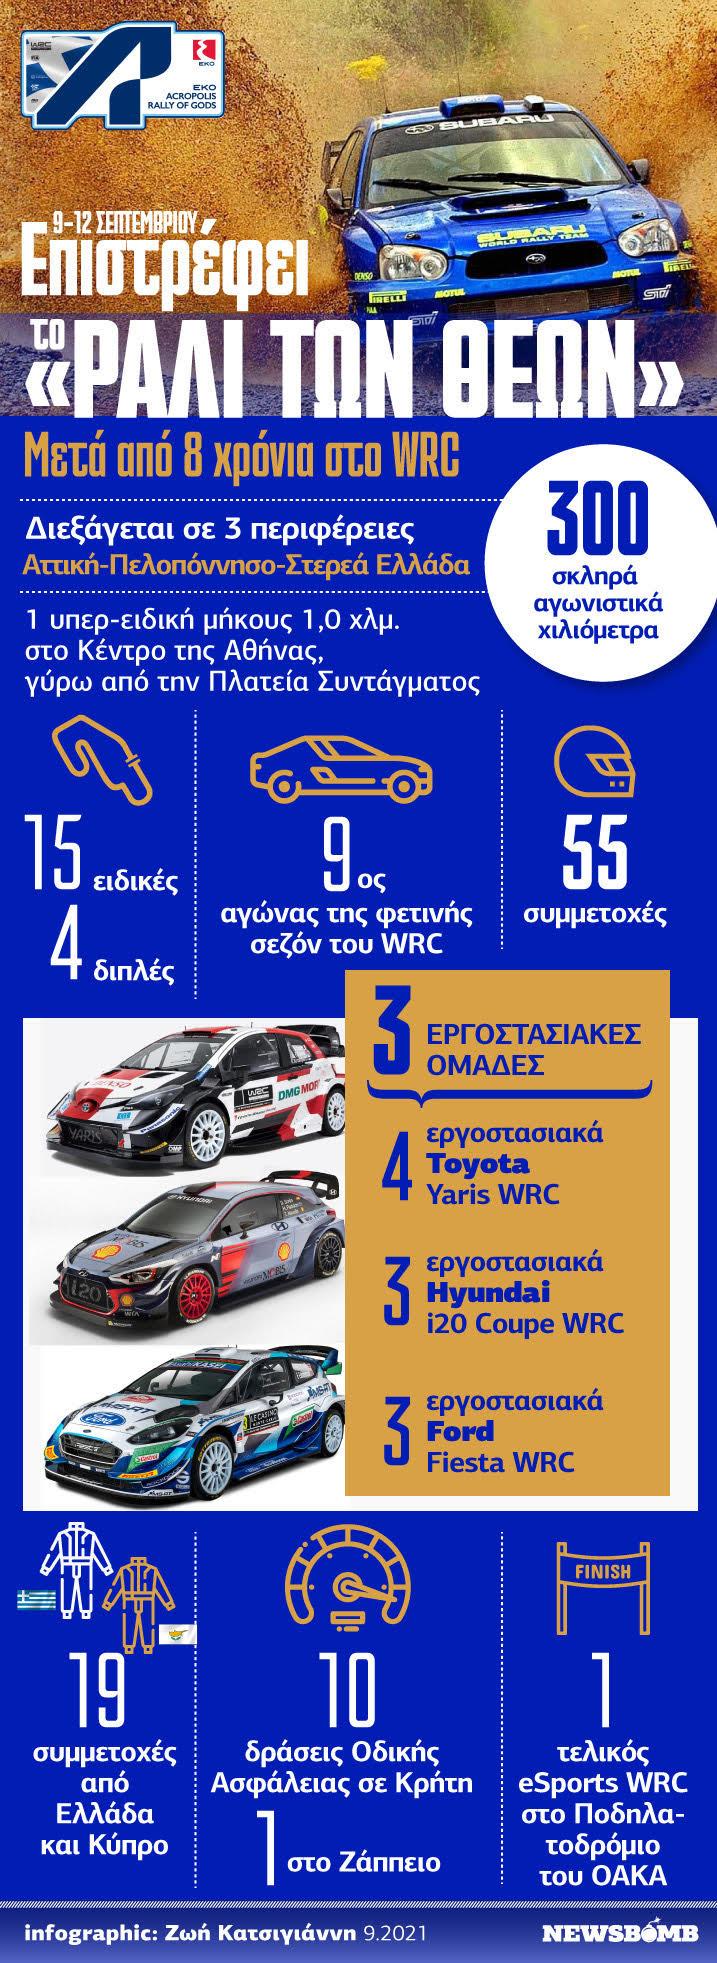 55ο Ράλι Ακρόπολις Infographic